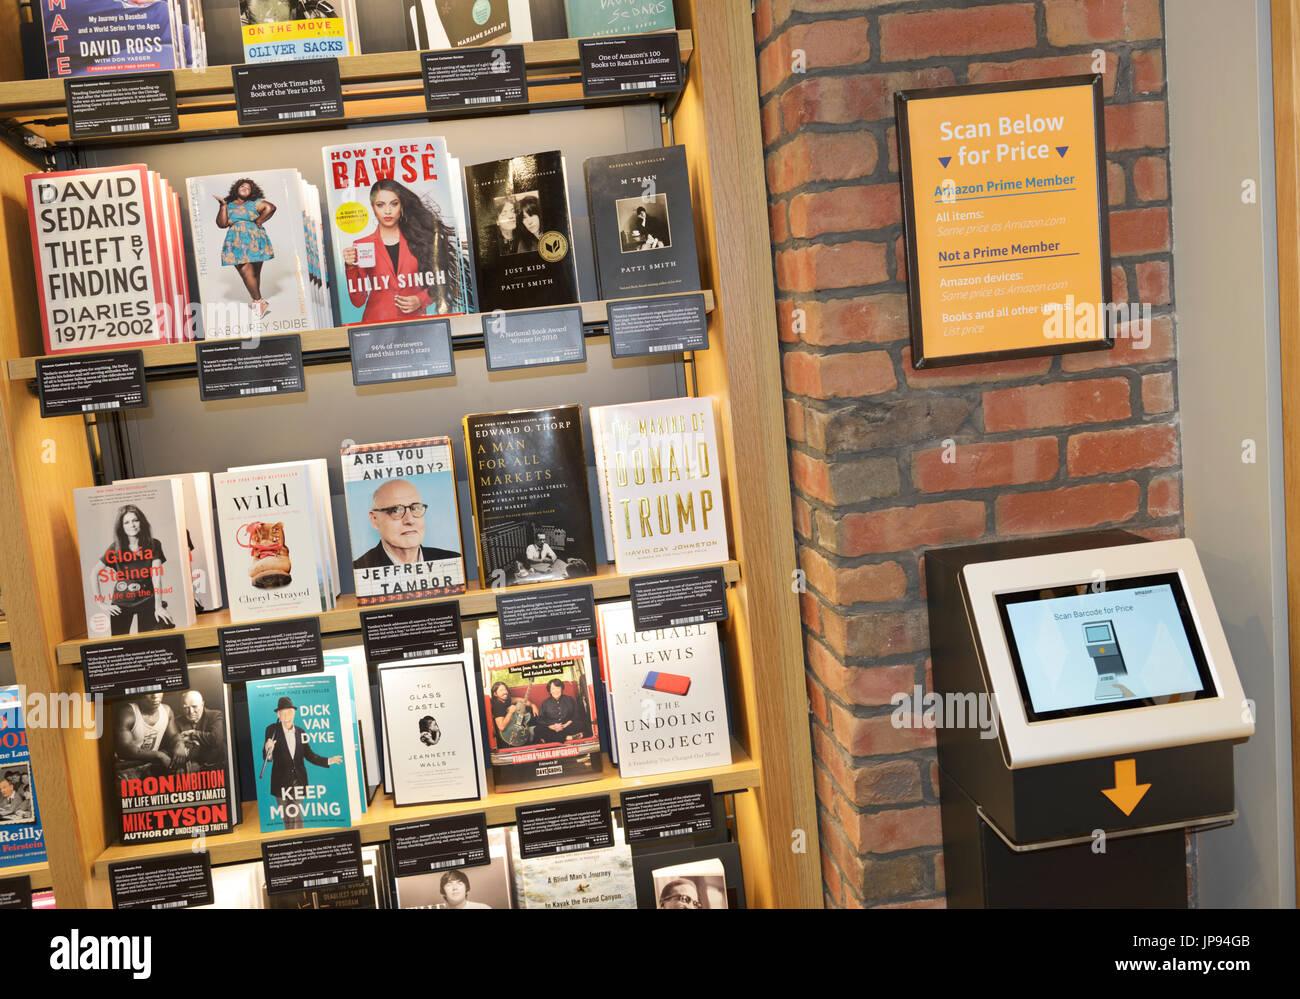 Rangées de livres dans un Amazon Books store avec un écran pour rechercher un contrôle des prix Photo Stock